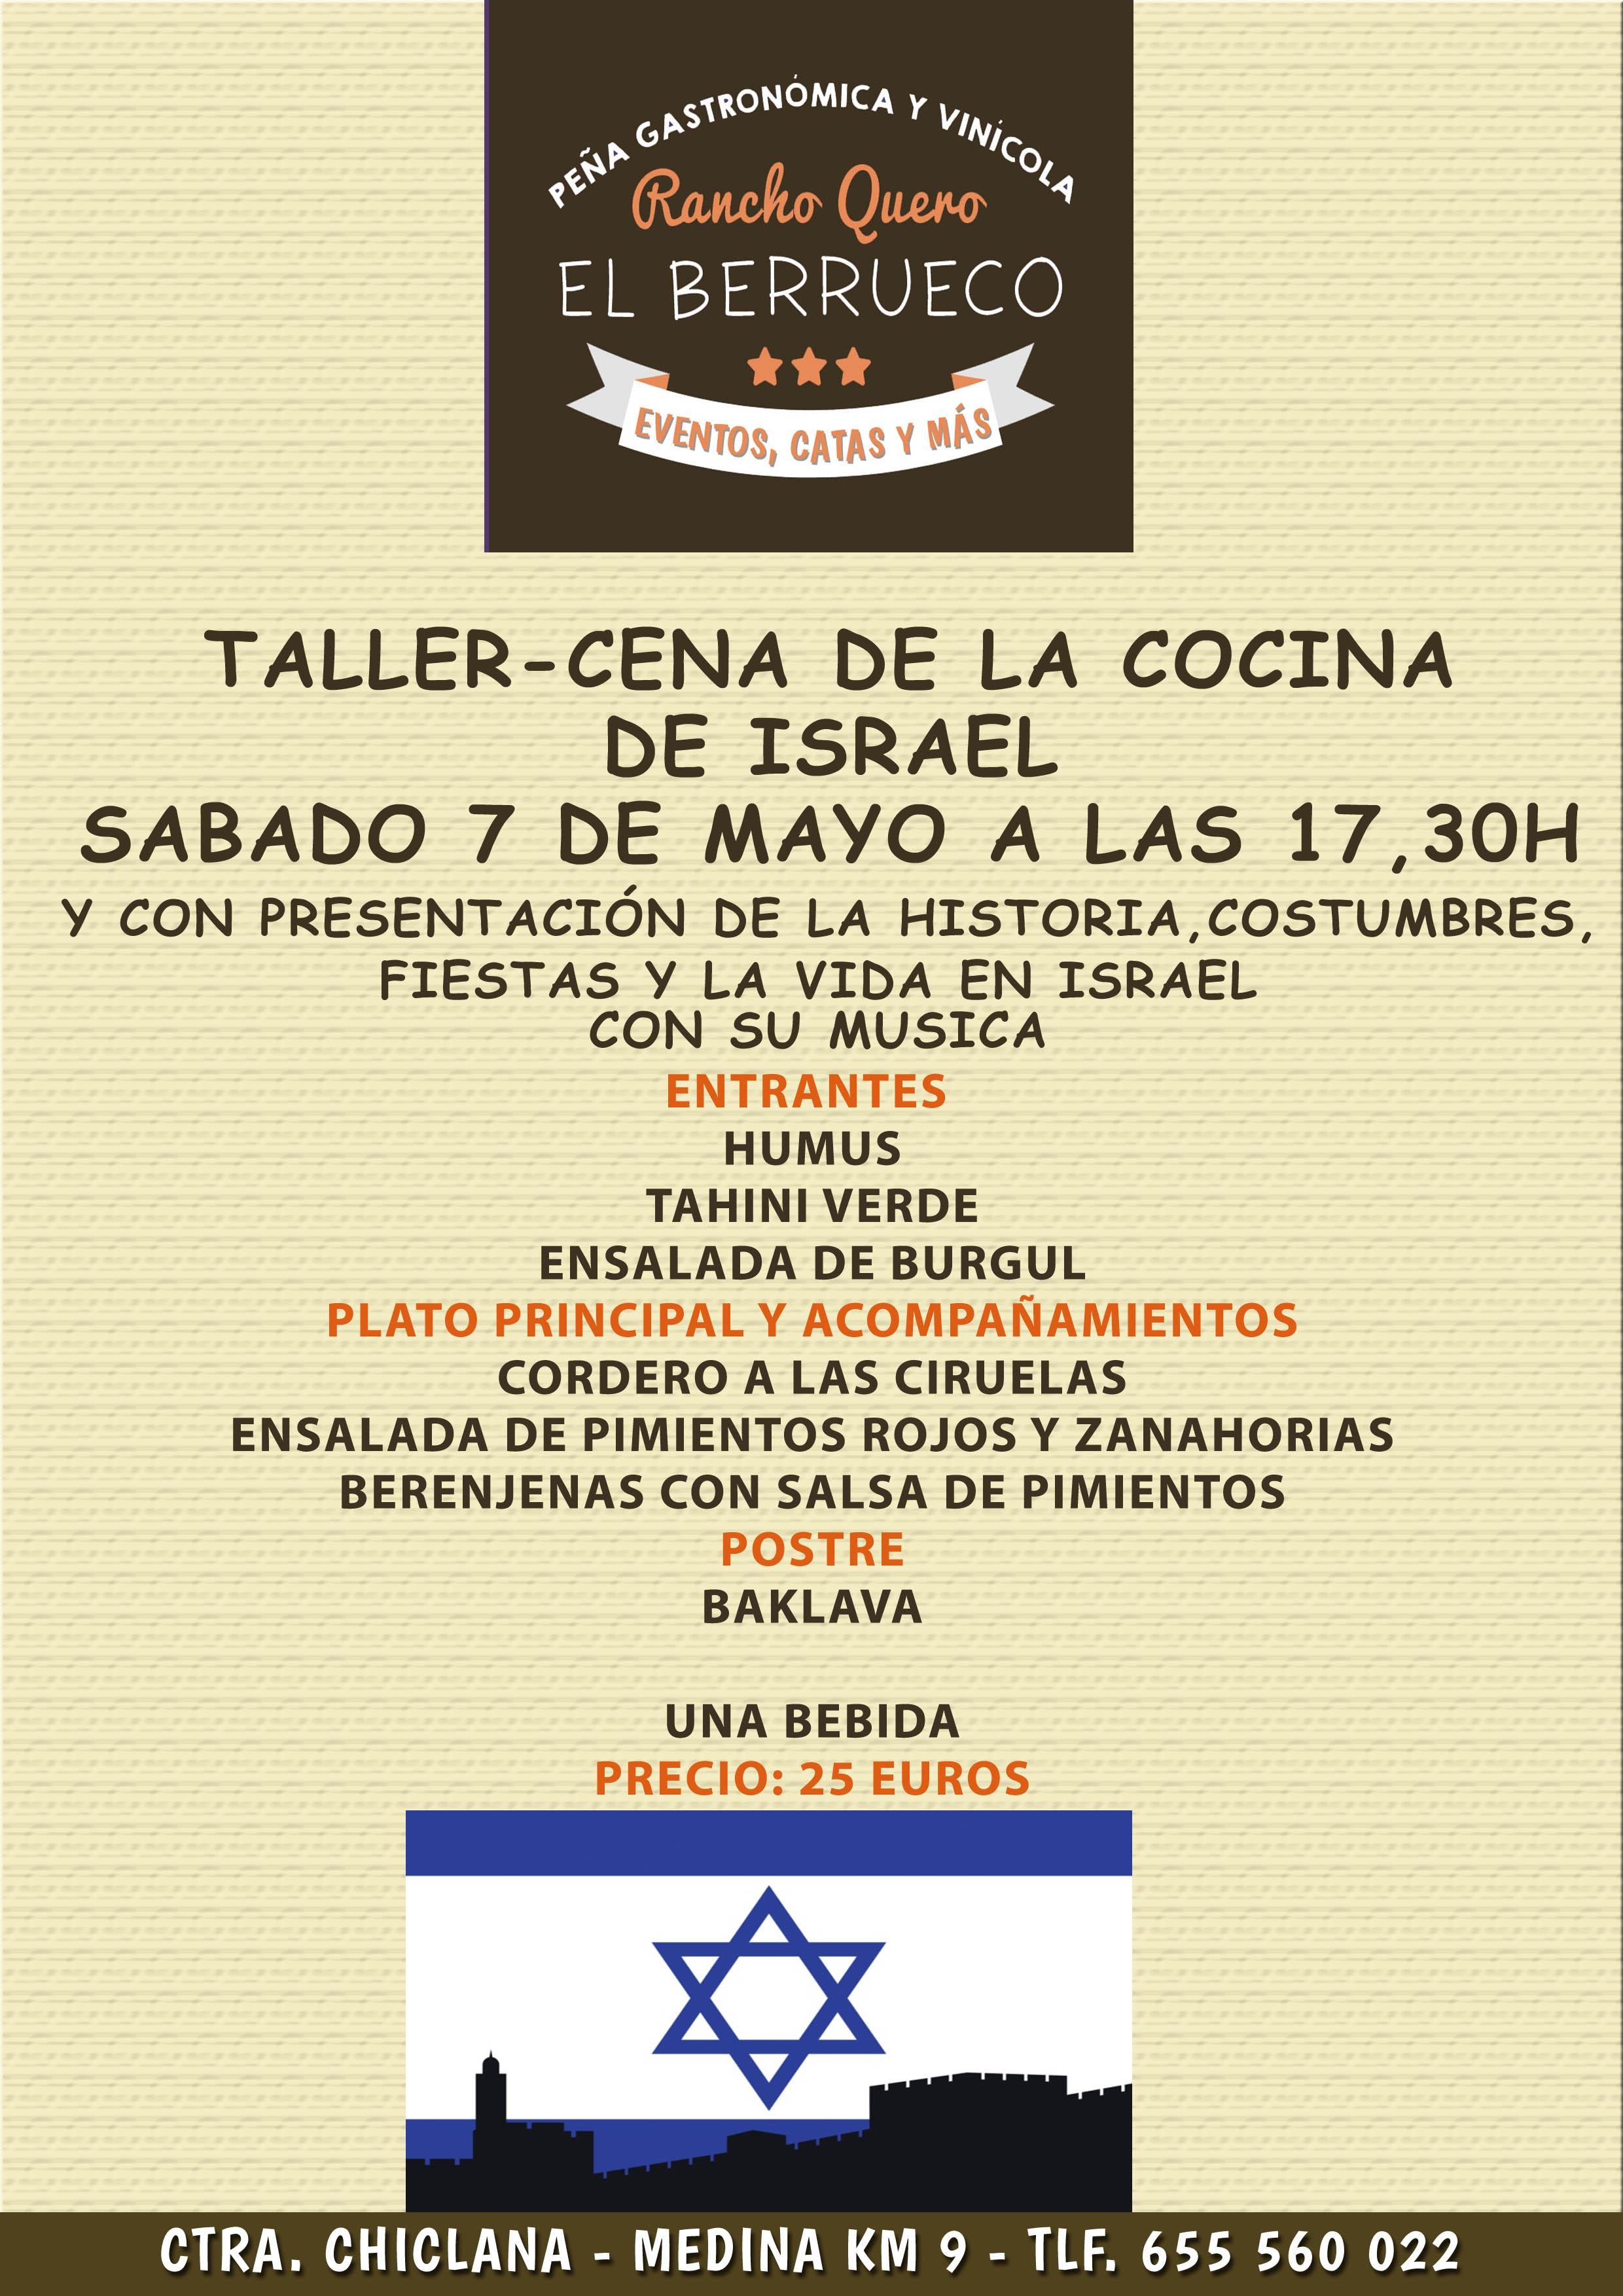 Taller cena de la cocina de israel s bado 7 de mayo a las for La cocina taller